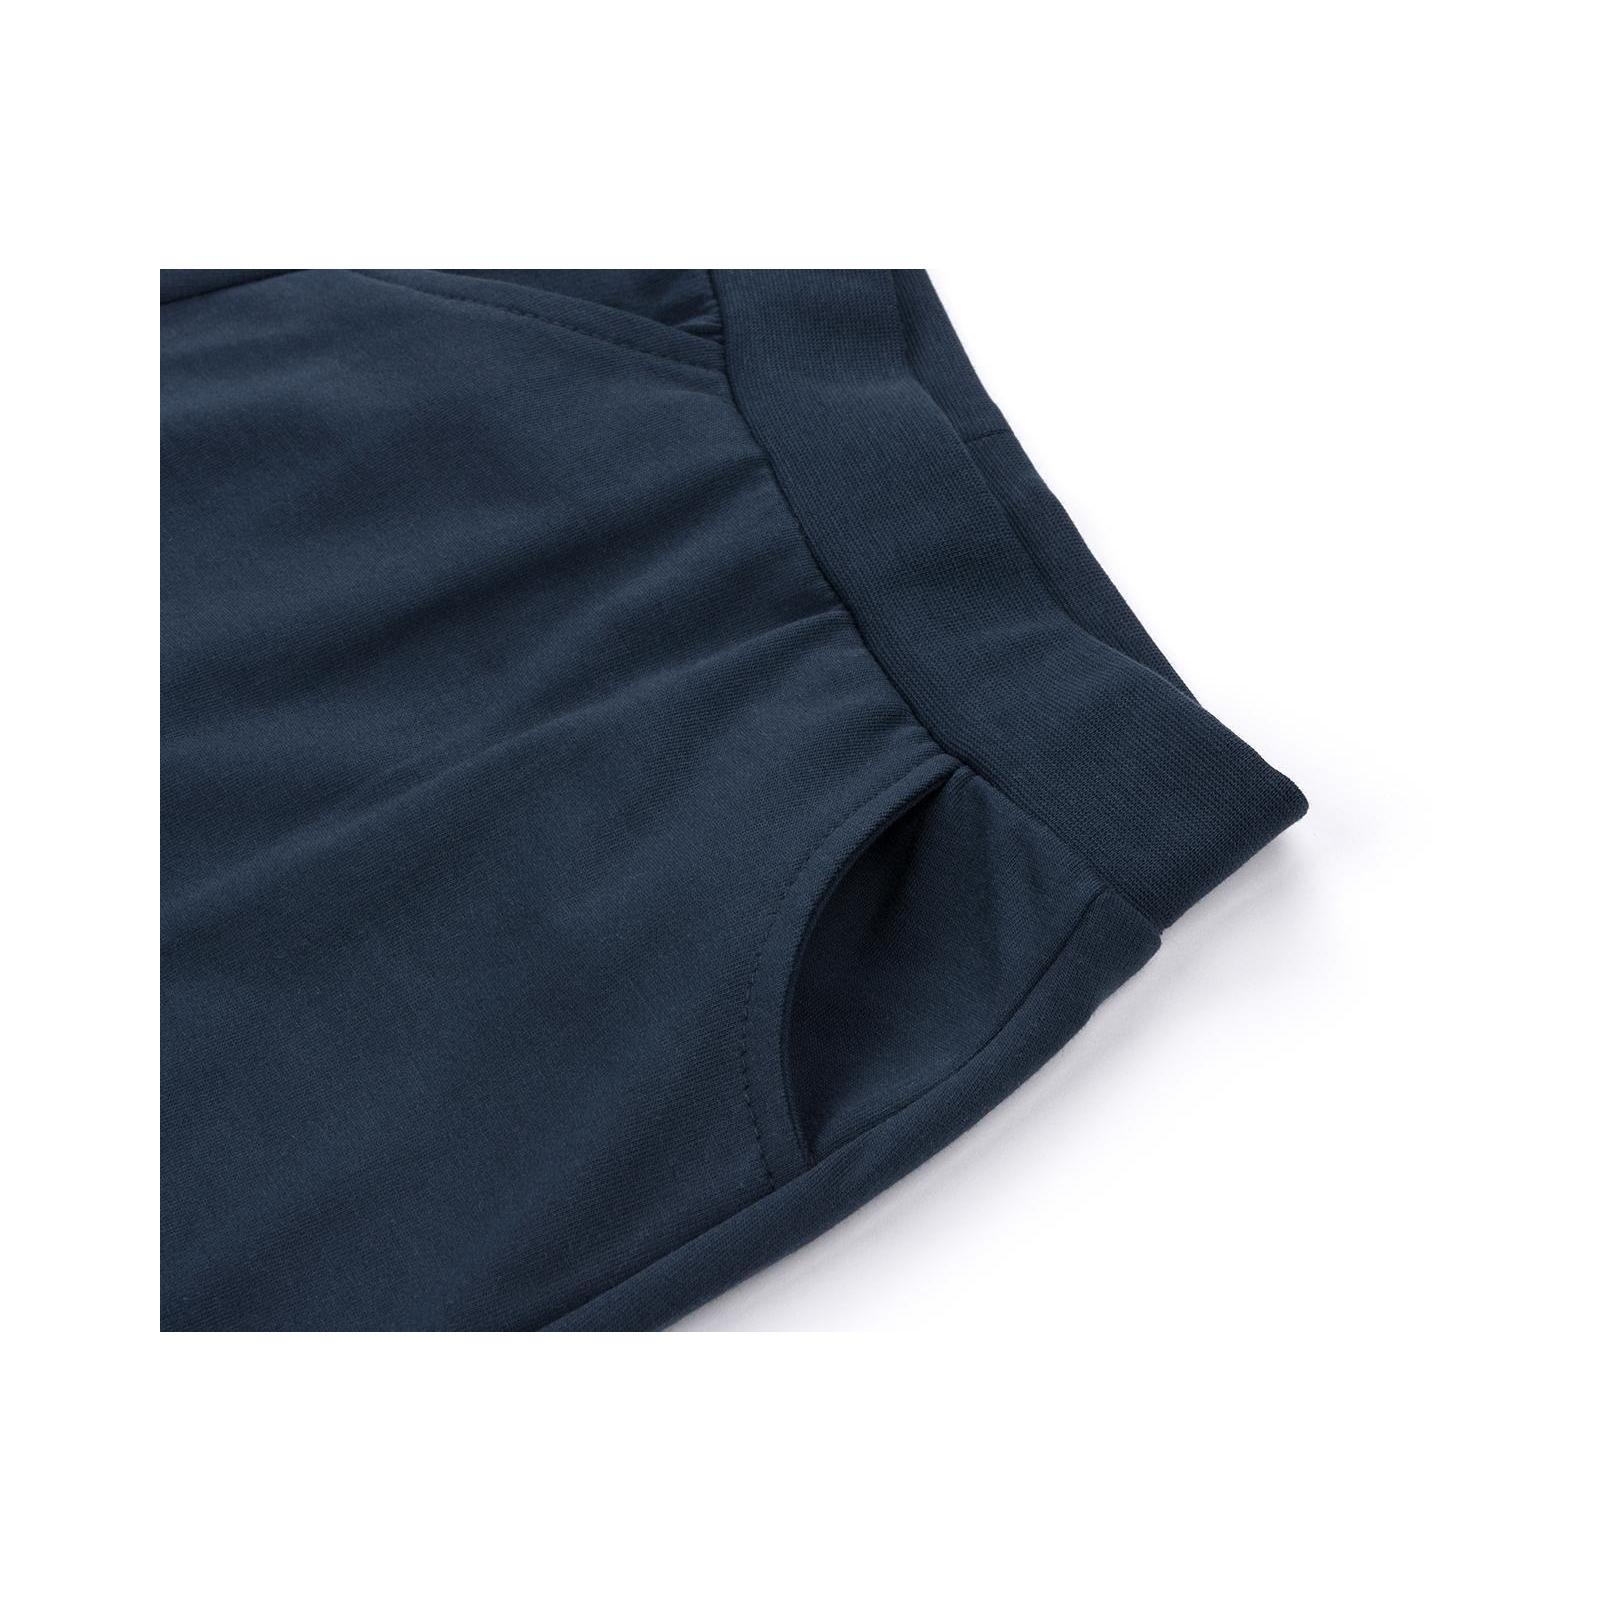 Набор детской одежды Breeze с карманчиками (10234-98G-blue) изображение 10